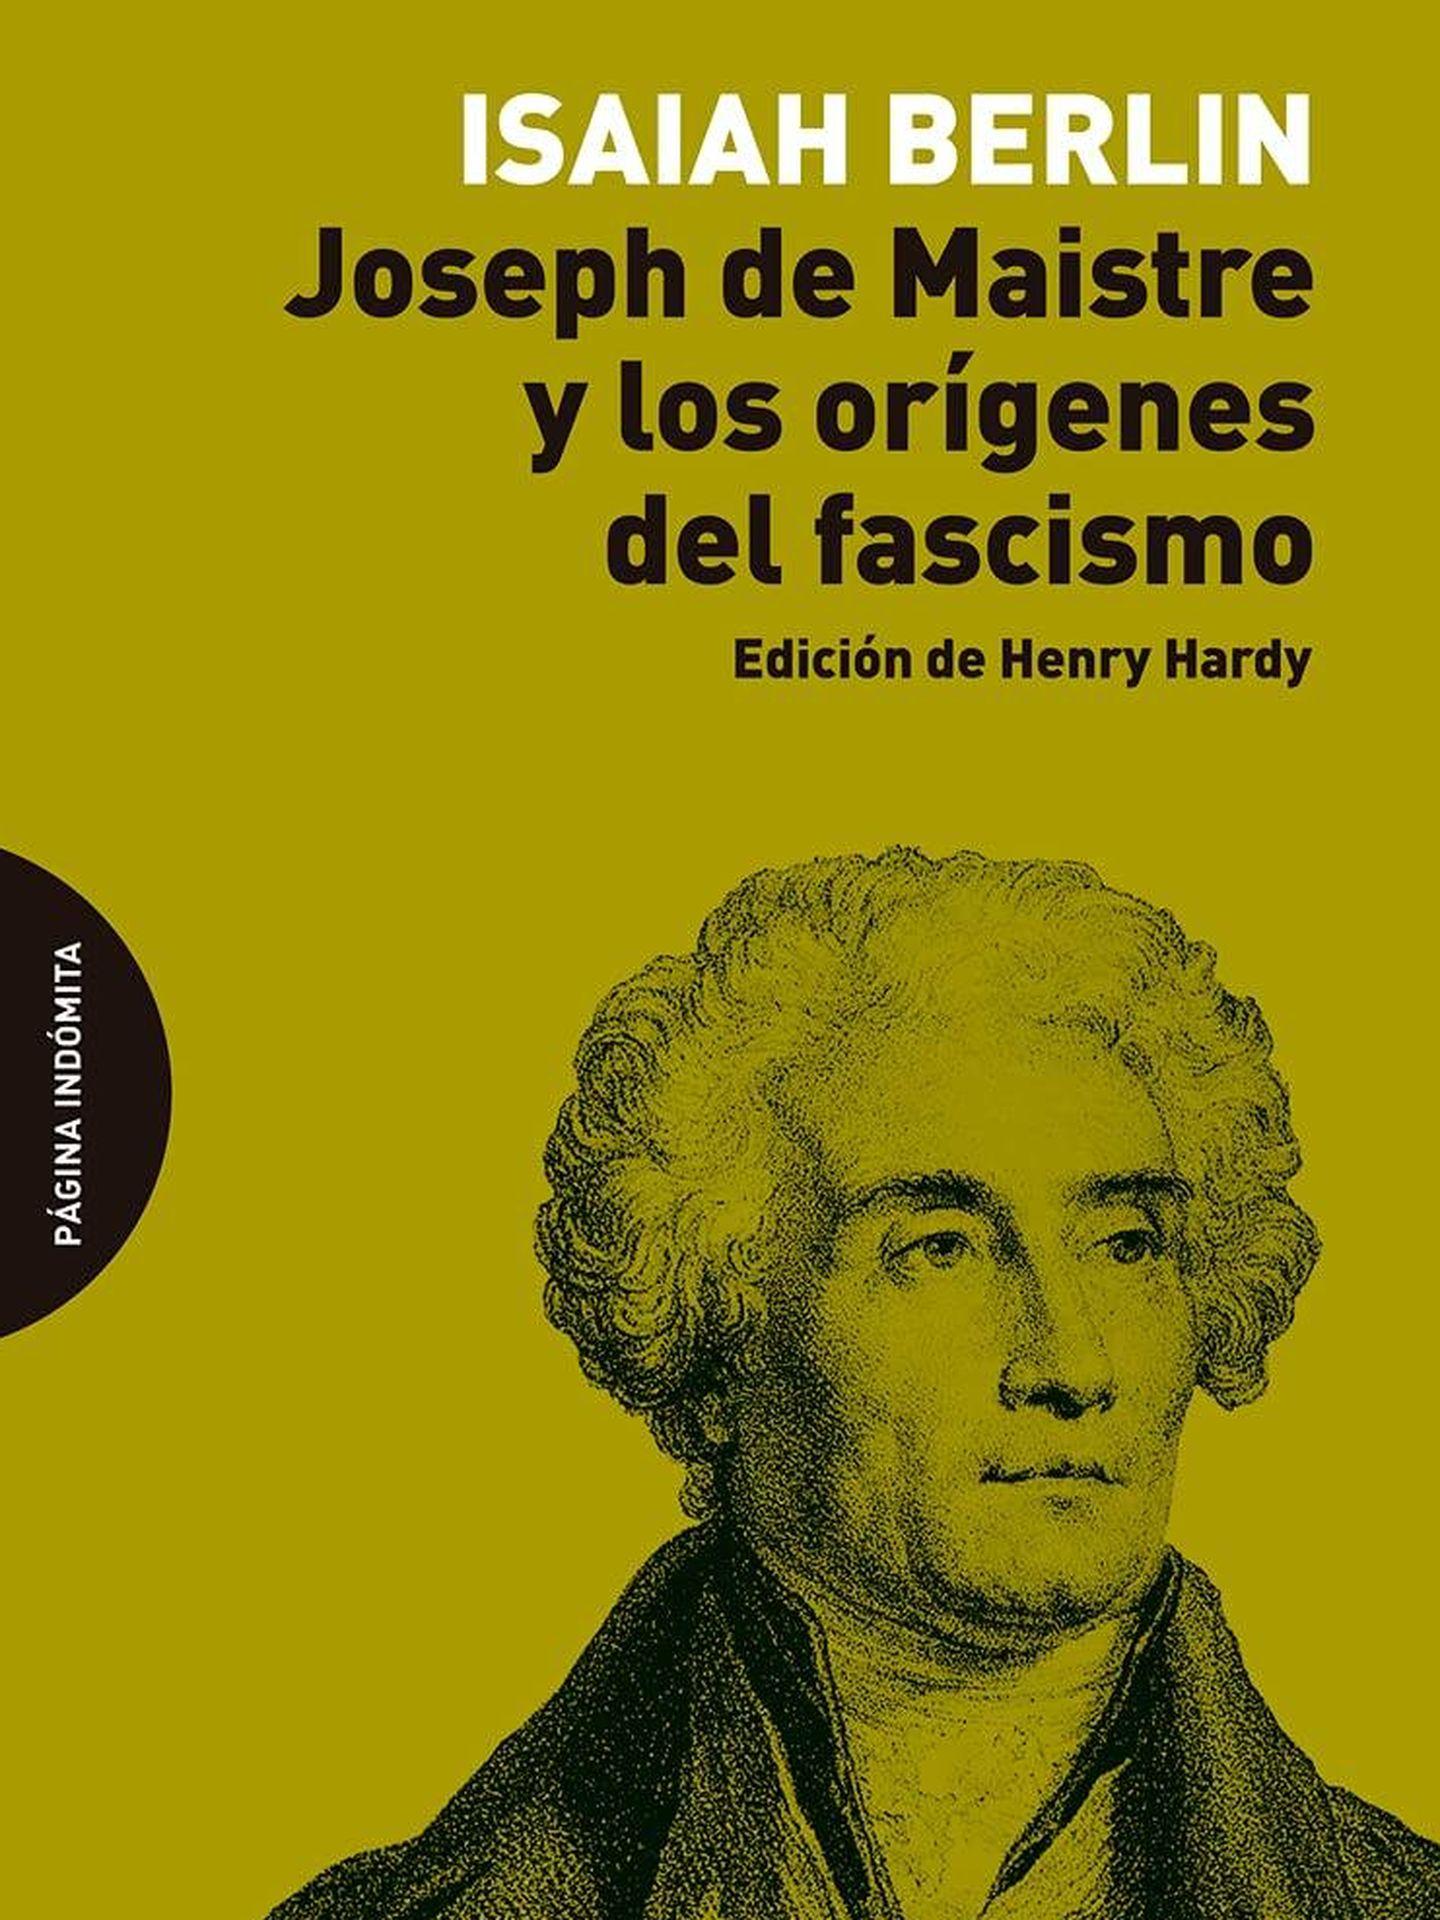 'Joseph de Maistre y los orígenes del fascismo'.